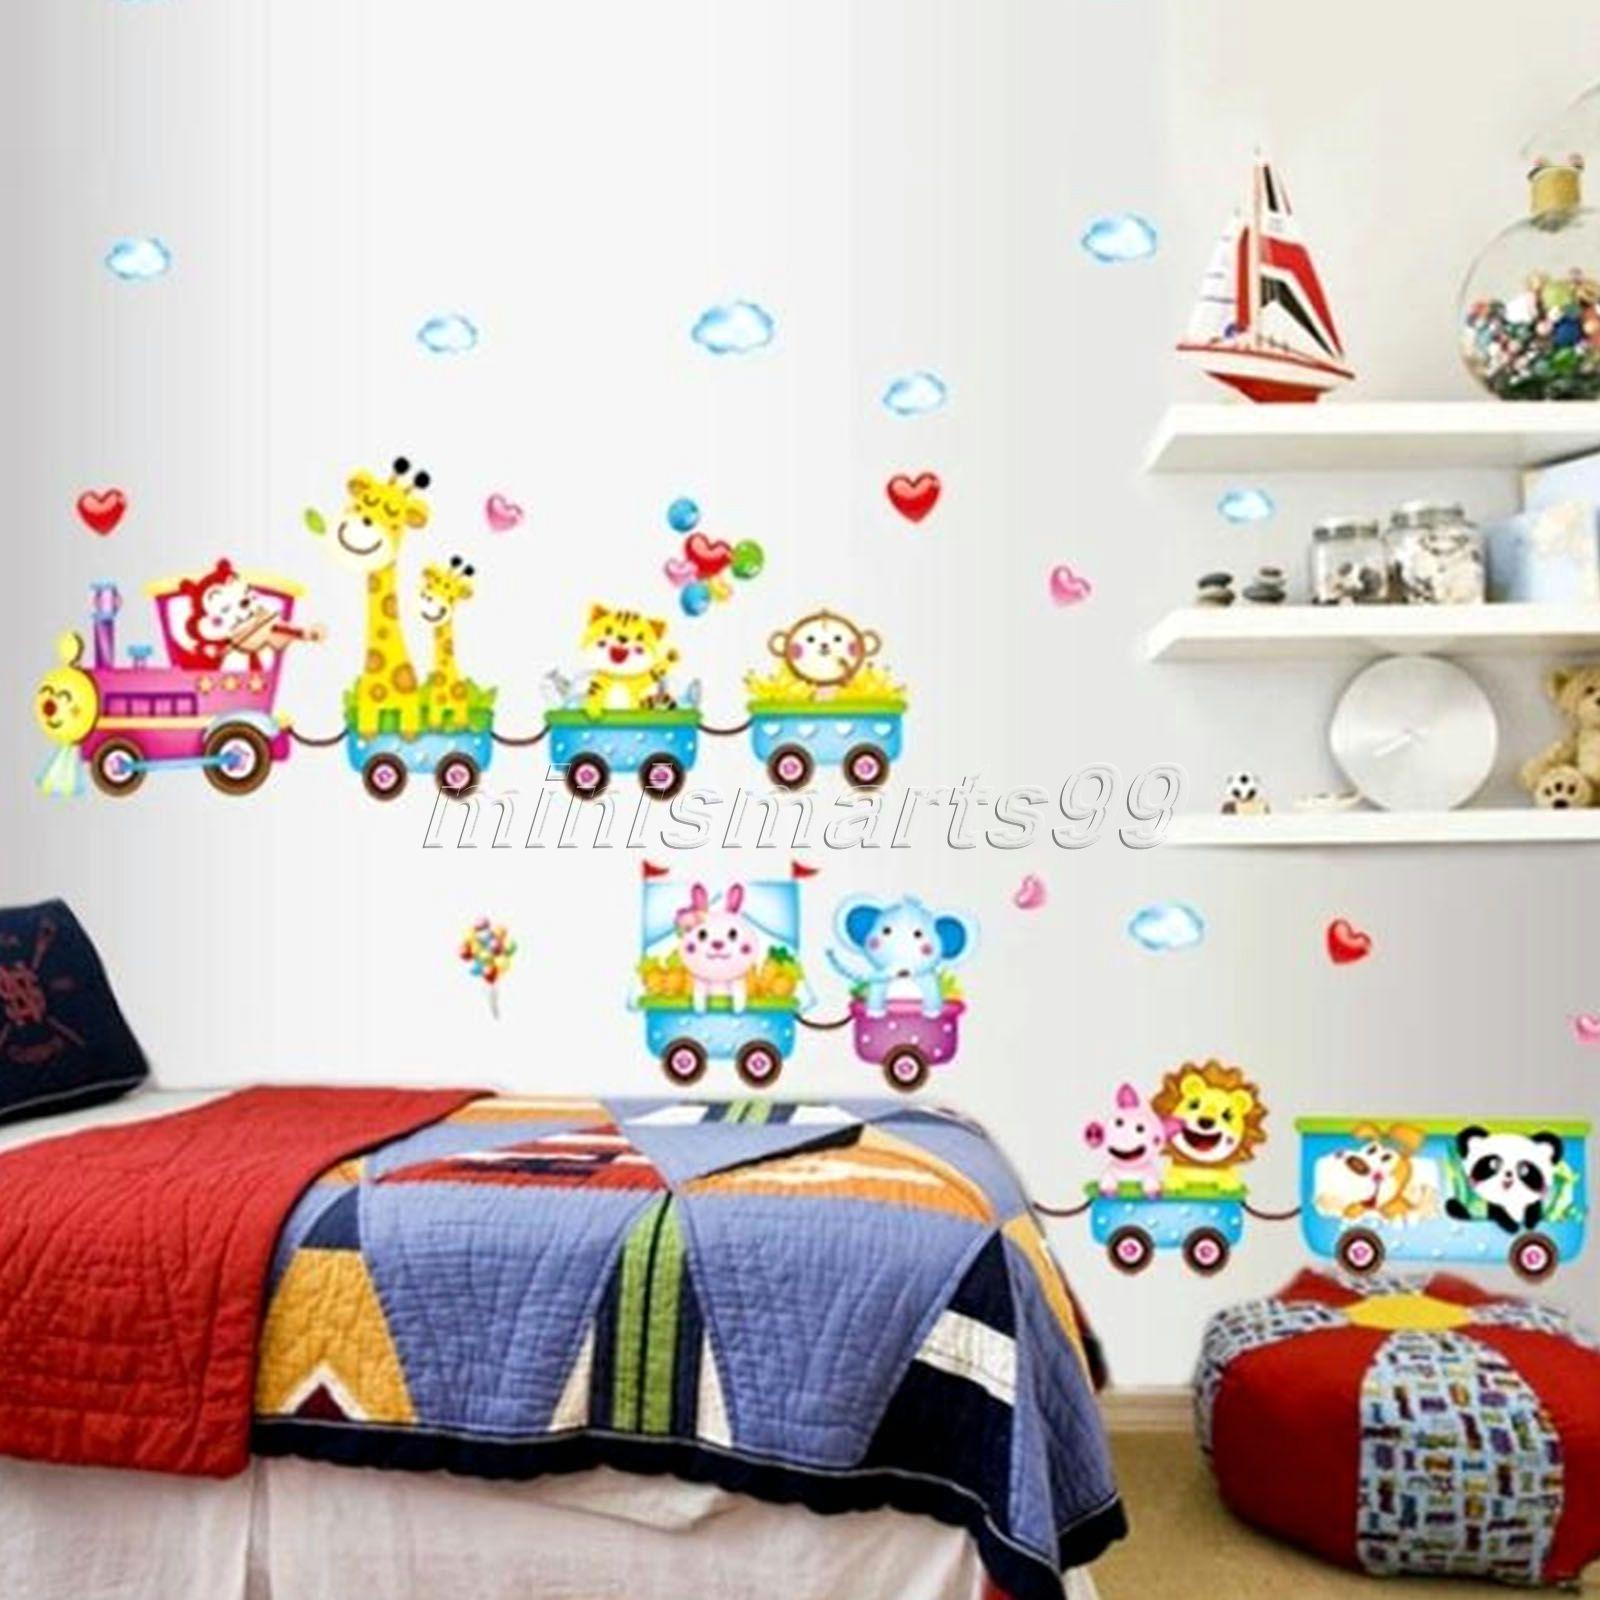 Karton tiere zug wandaufkleber für kinderzimmer dekoration diy 3d ...